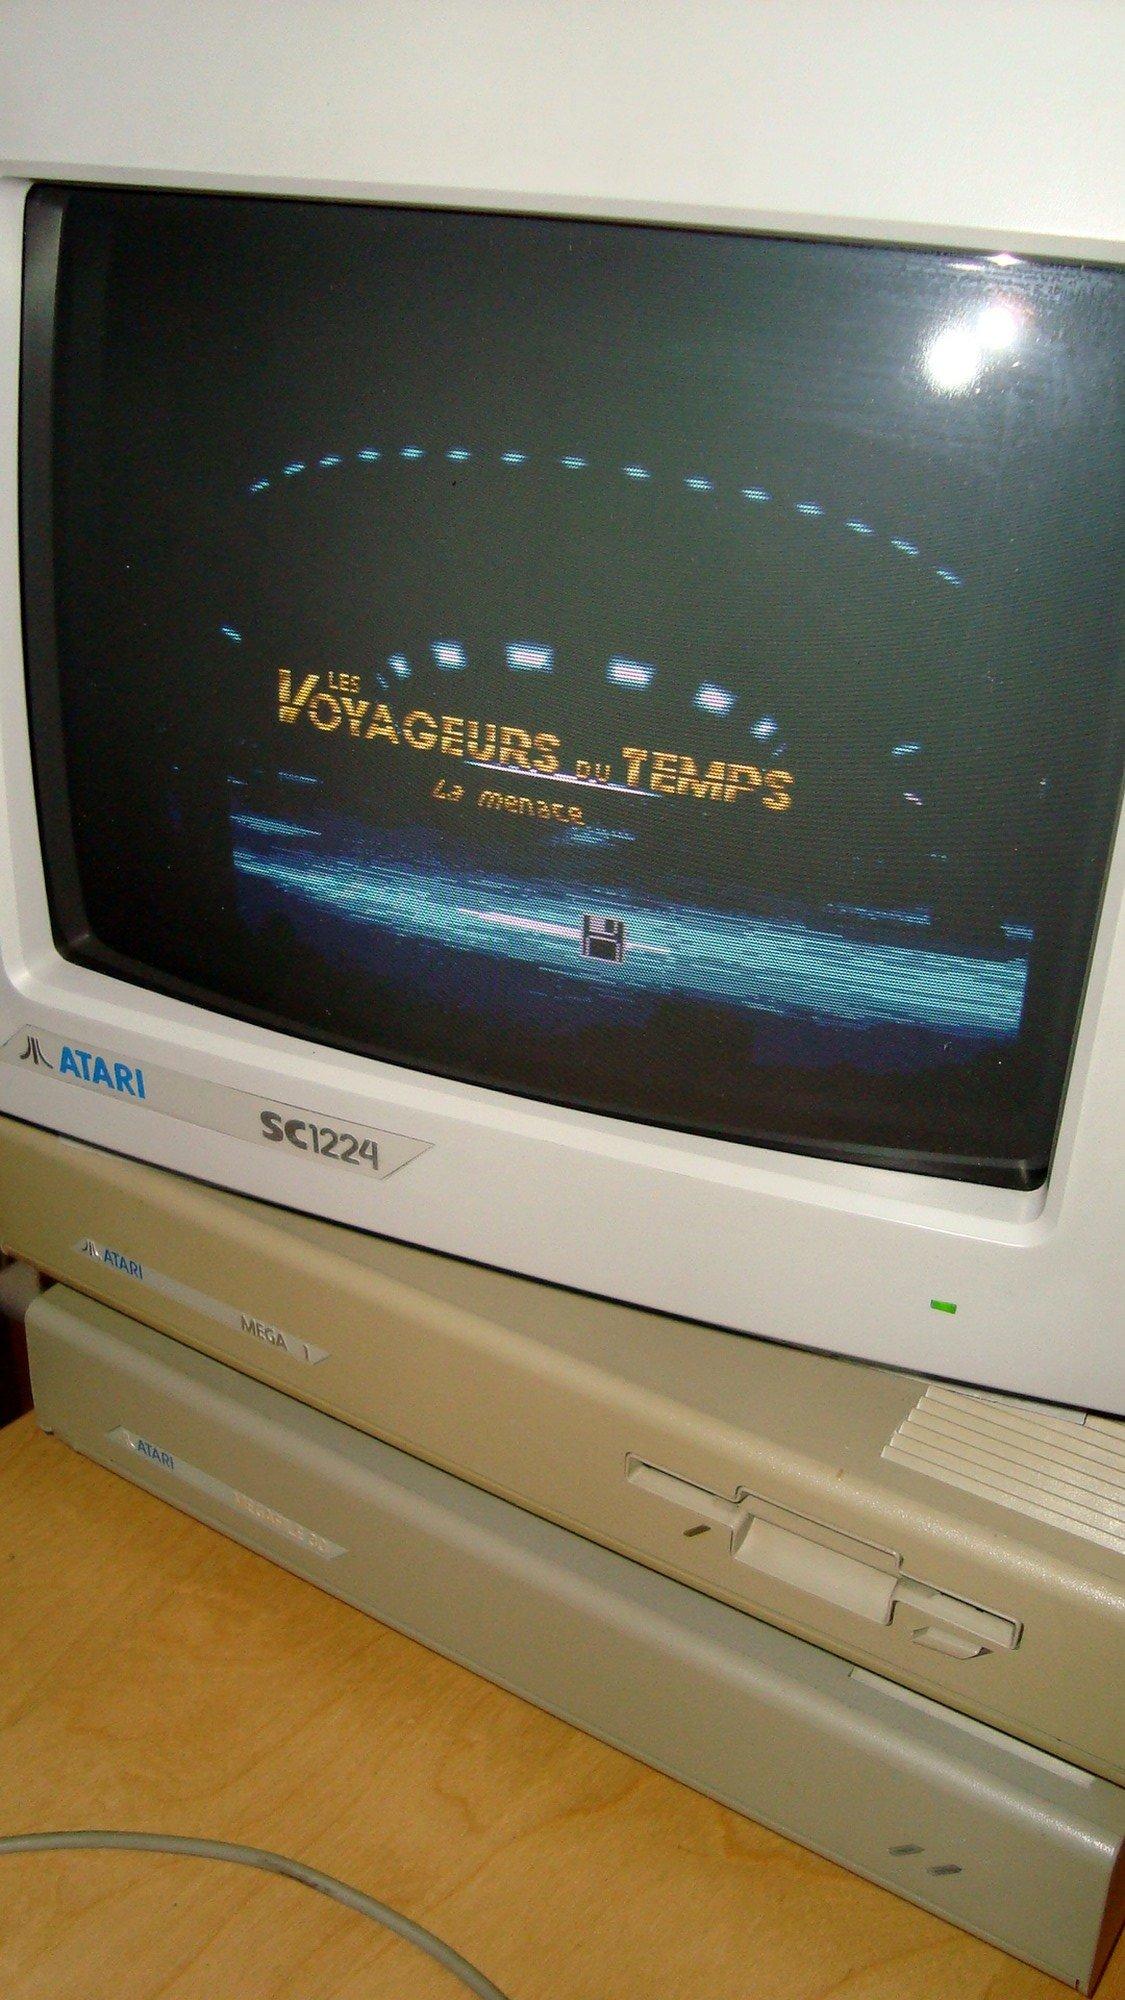 [TEST] Les Voyageurs du Temps - Atari ST 201027062300127738